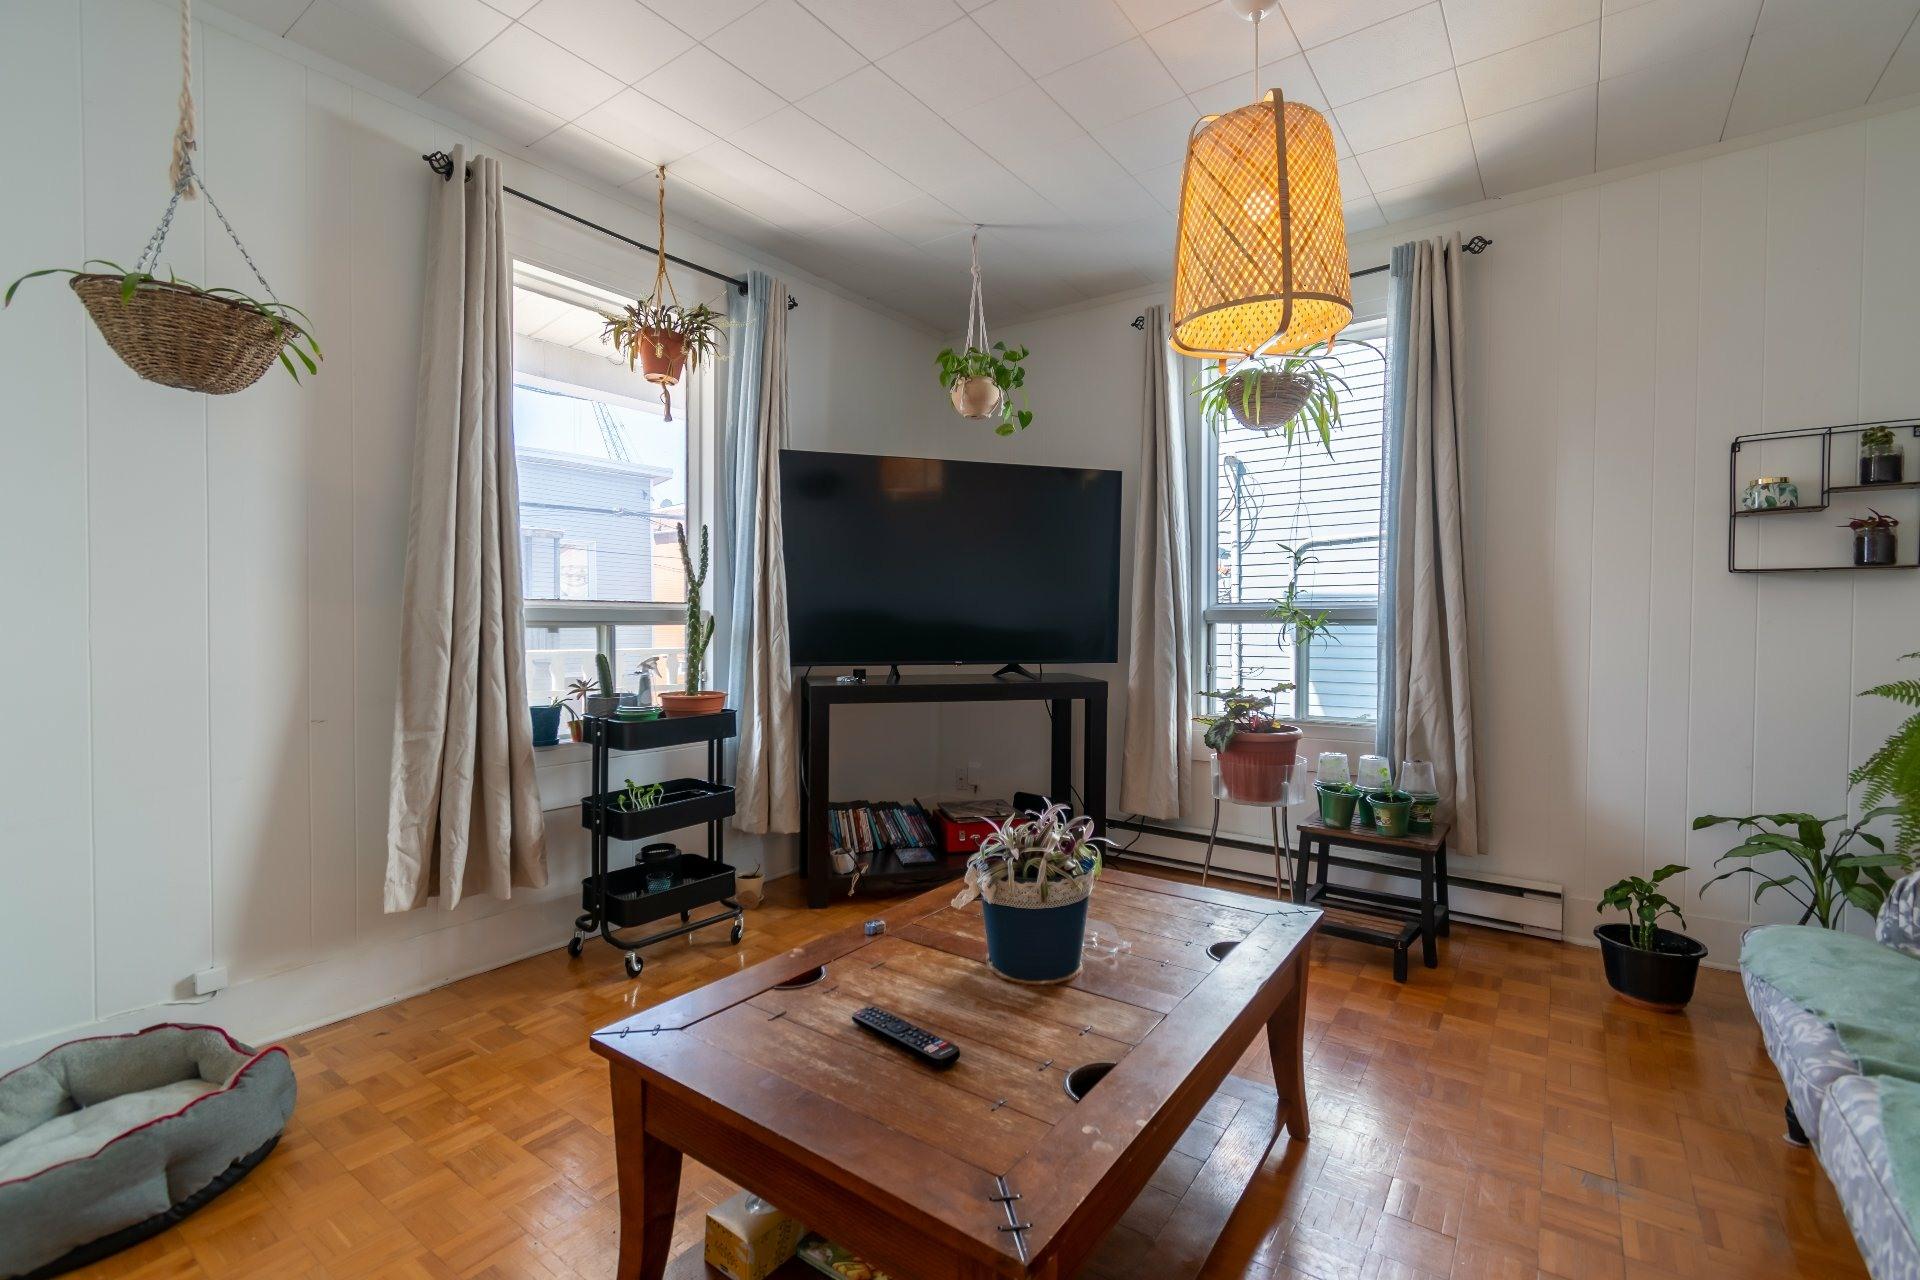 image 21 - Duplex For sale Trois-Rivières - 4 rooms